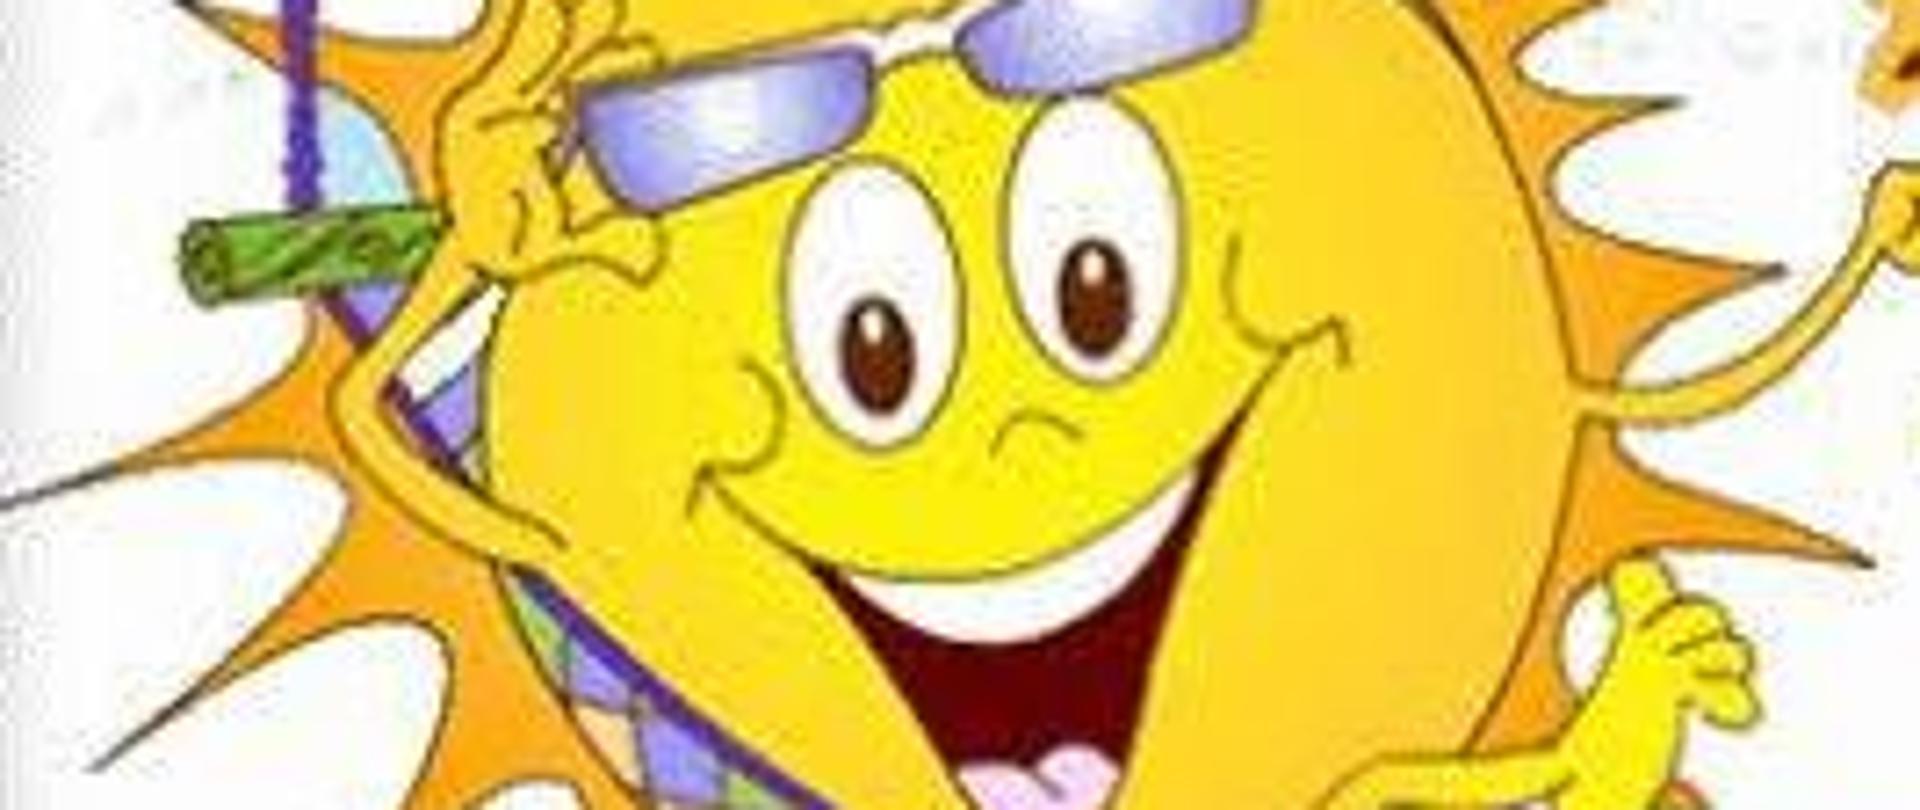 Grafika przedstawiająca żółte uśmiechnięte słoneczko na hamaku z okularami słonecznymi podniesionymi nad czołem.